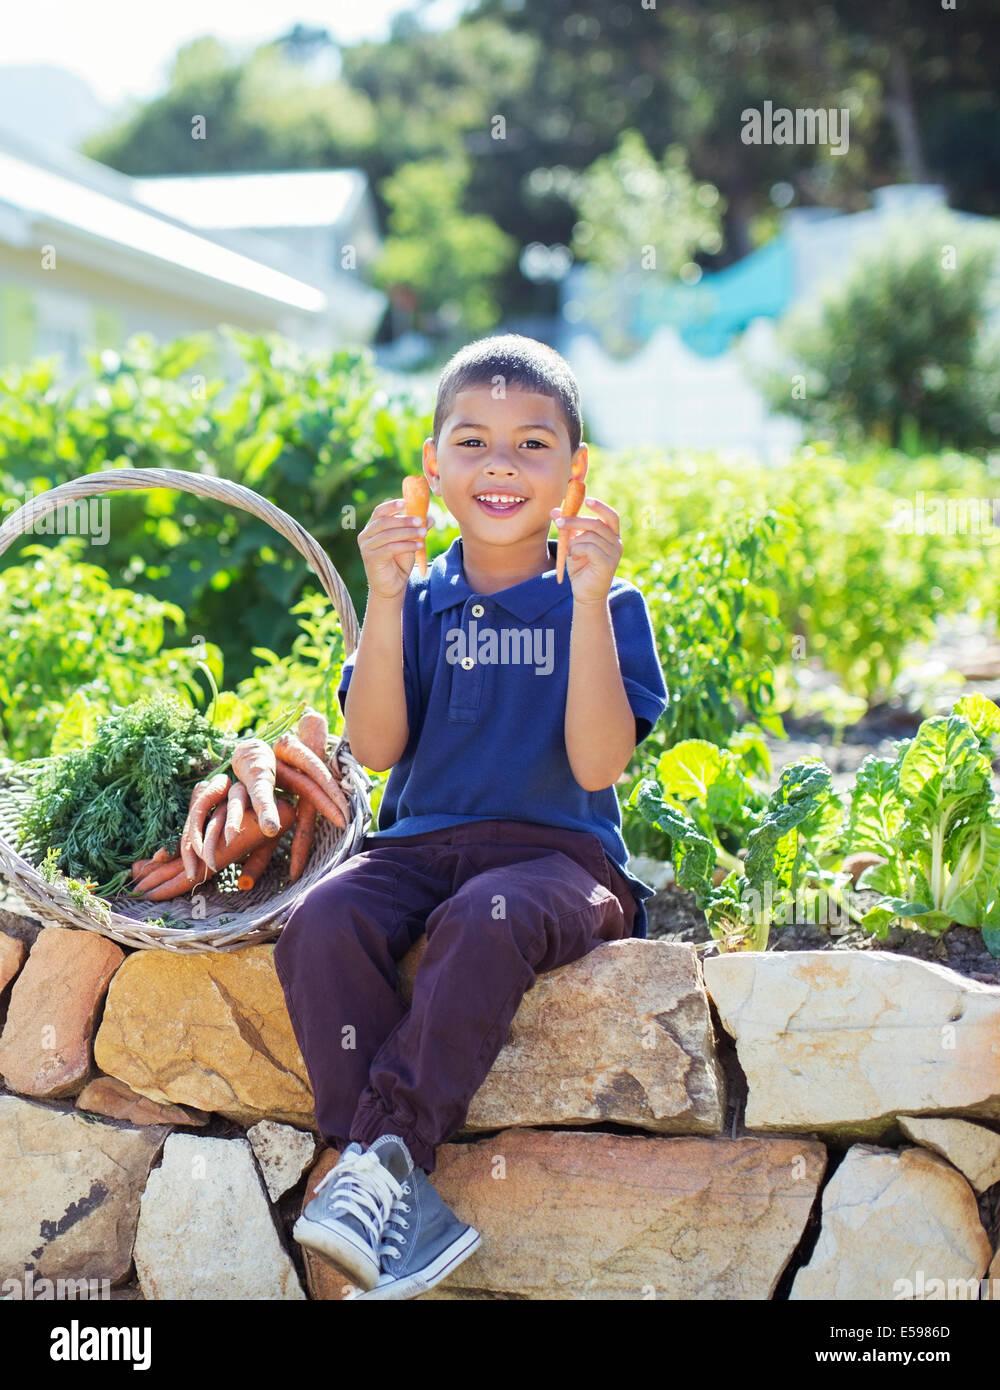 Junge mit Korb von Produkten im Garten Stockbild